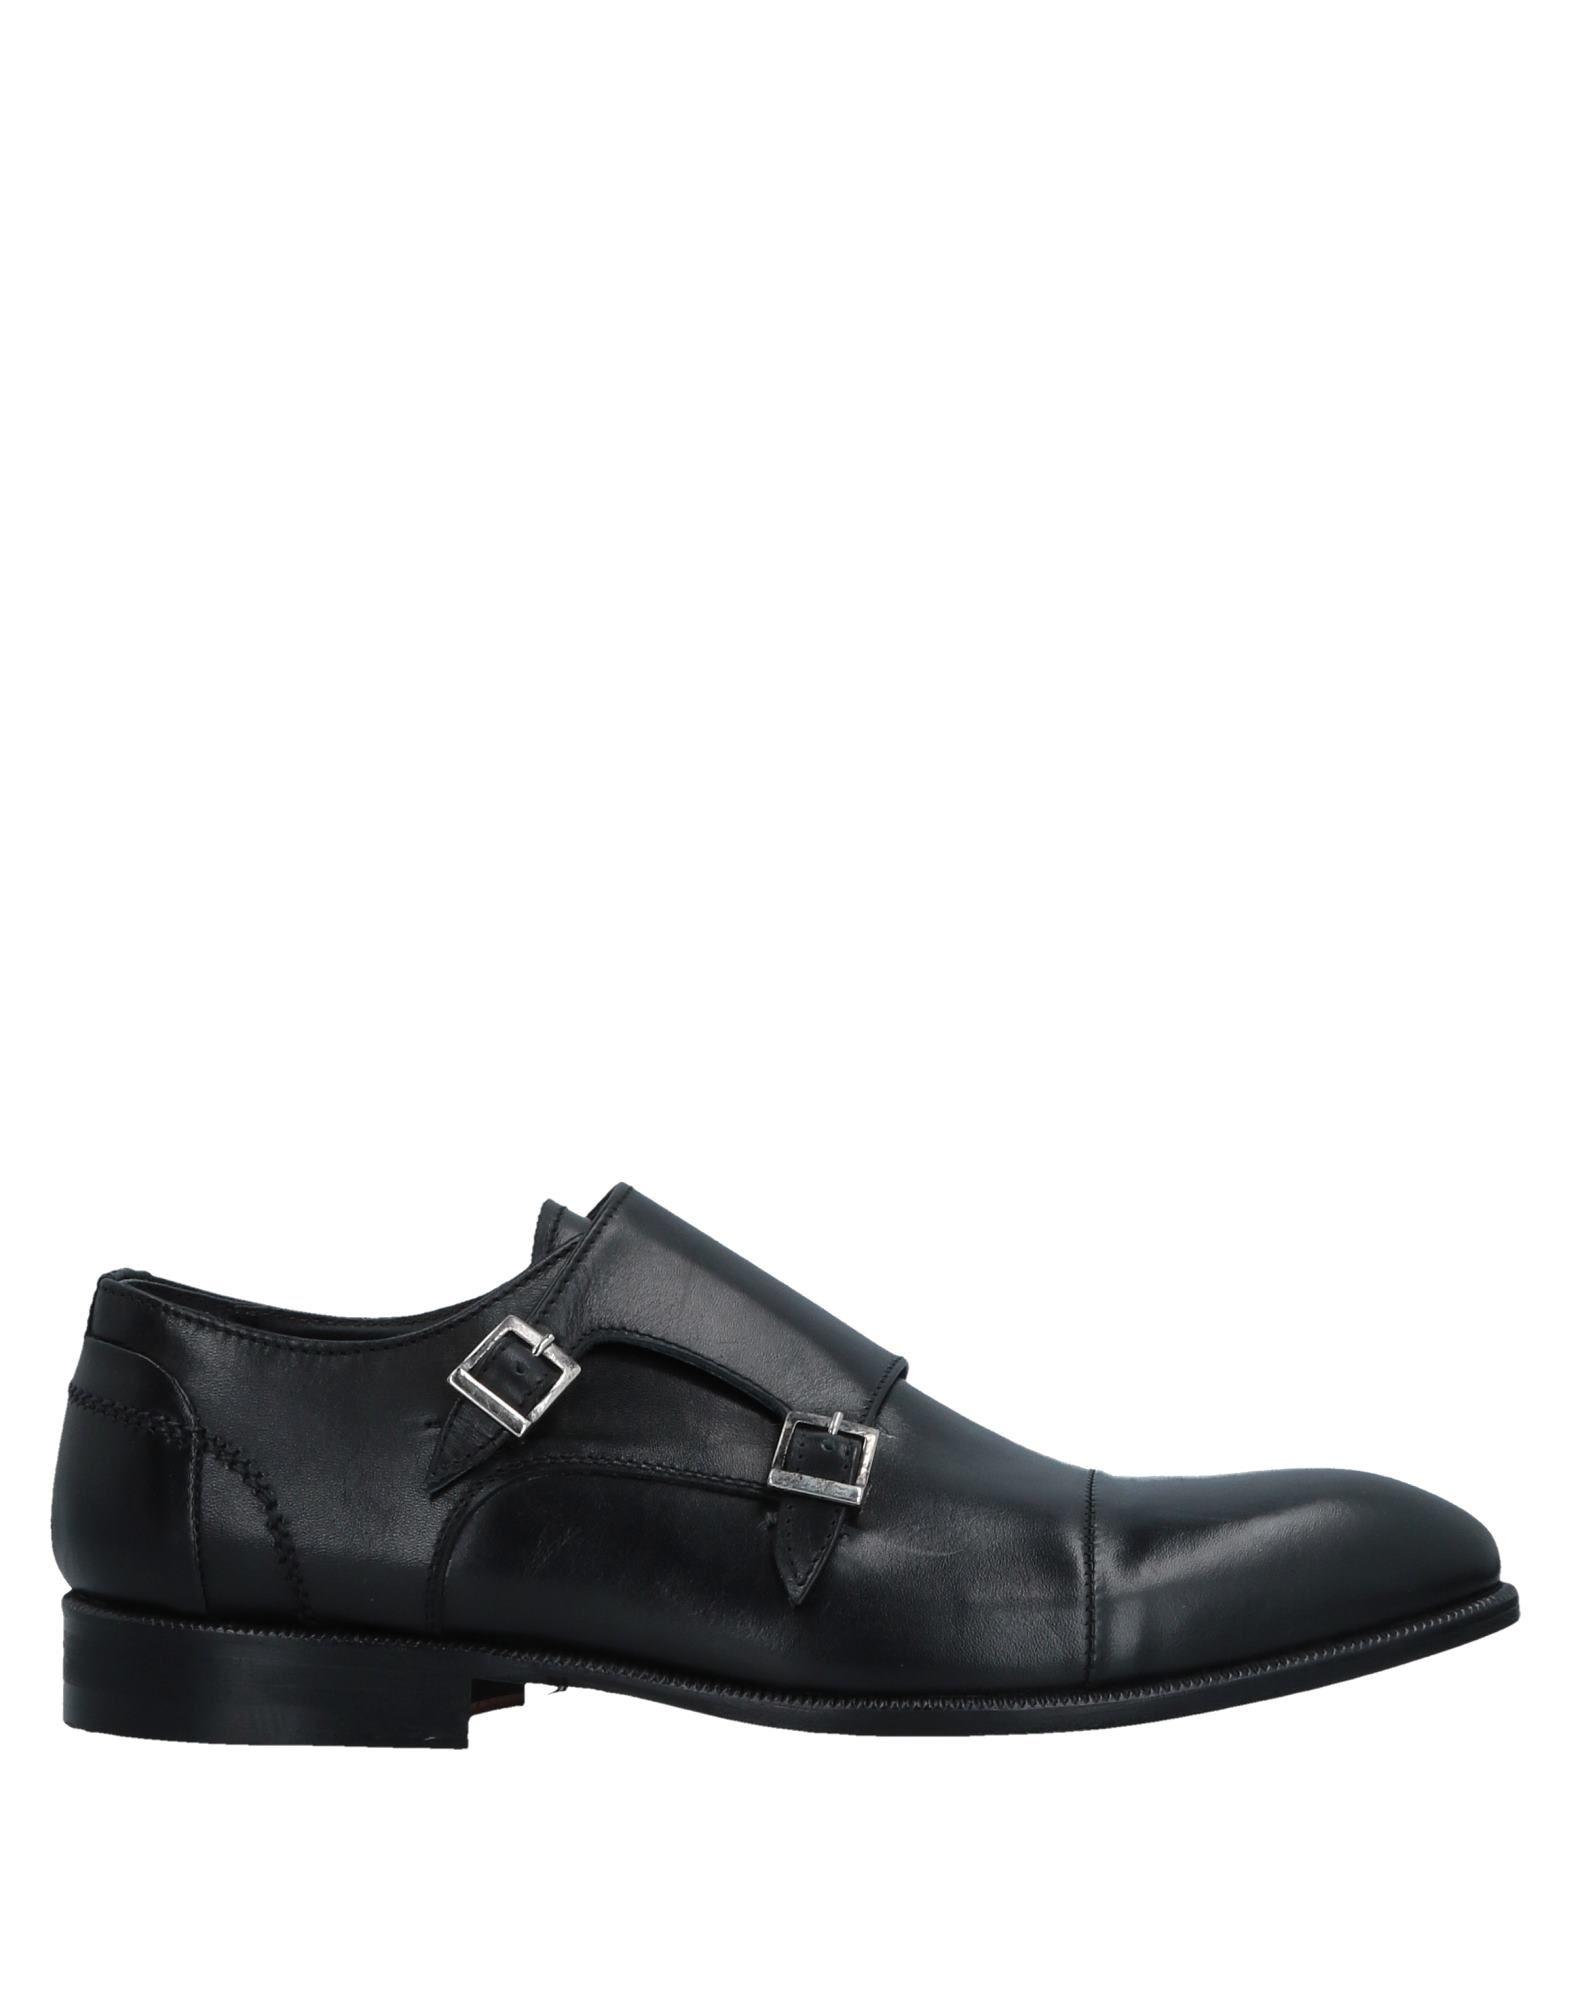 Bagatt Mokassins Herren  11518305XX Gute Qualität beliebte Schuhe